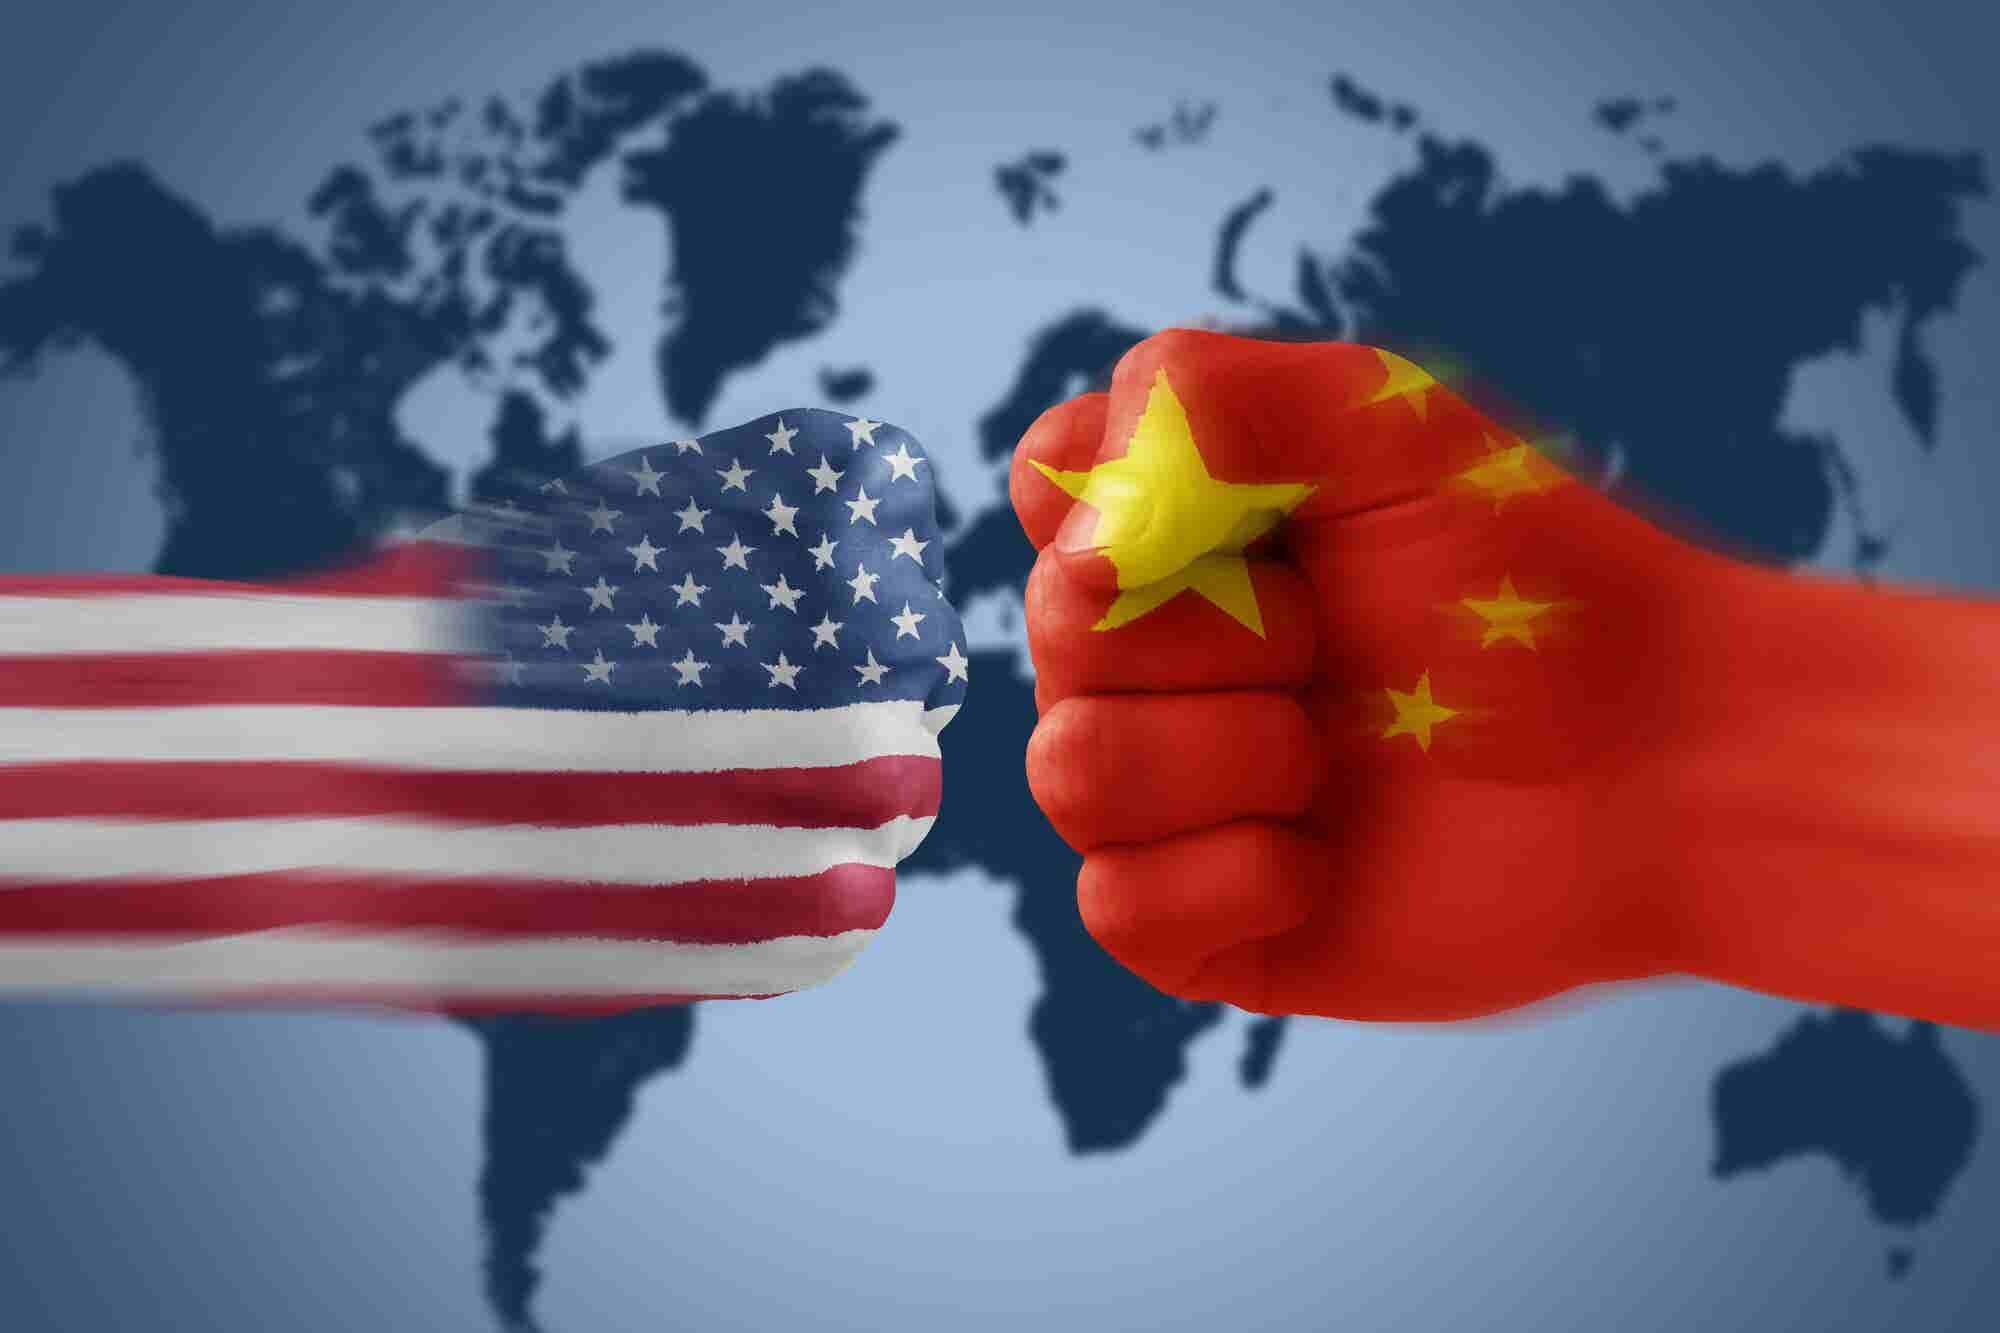 La guerra comercial entre China y Estados Unidos apenas comienza: Jack...